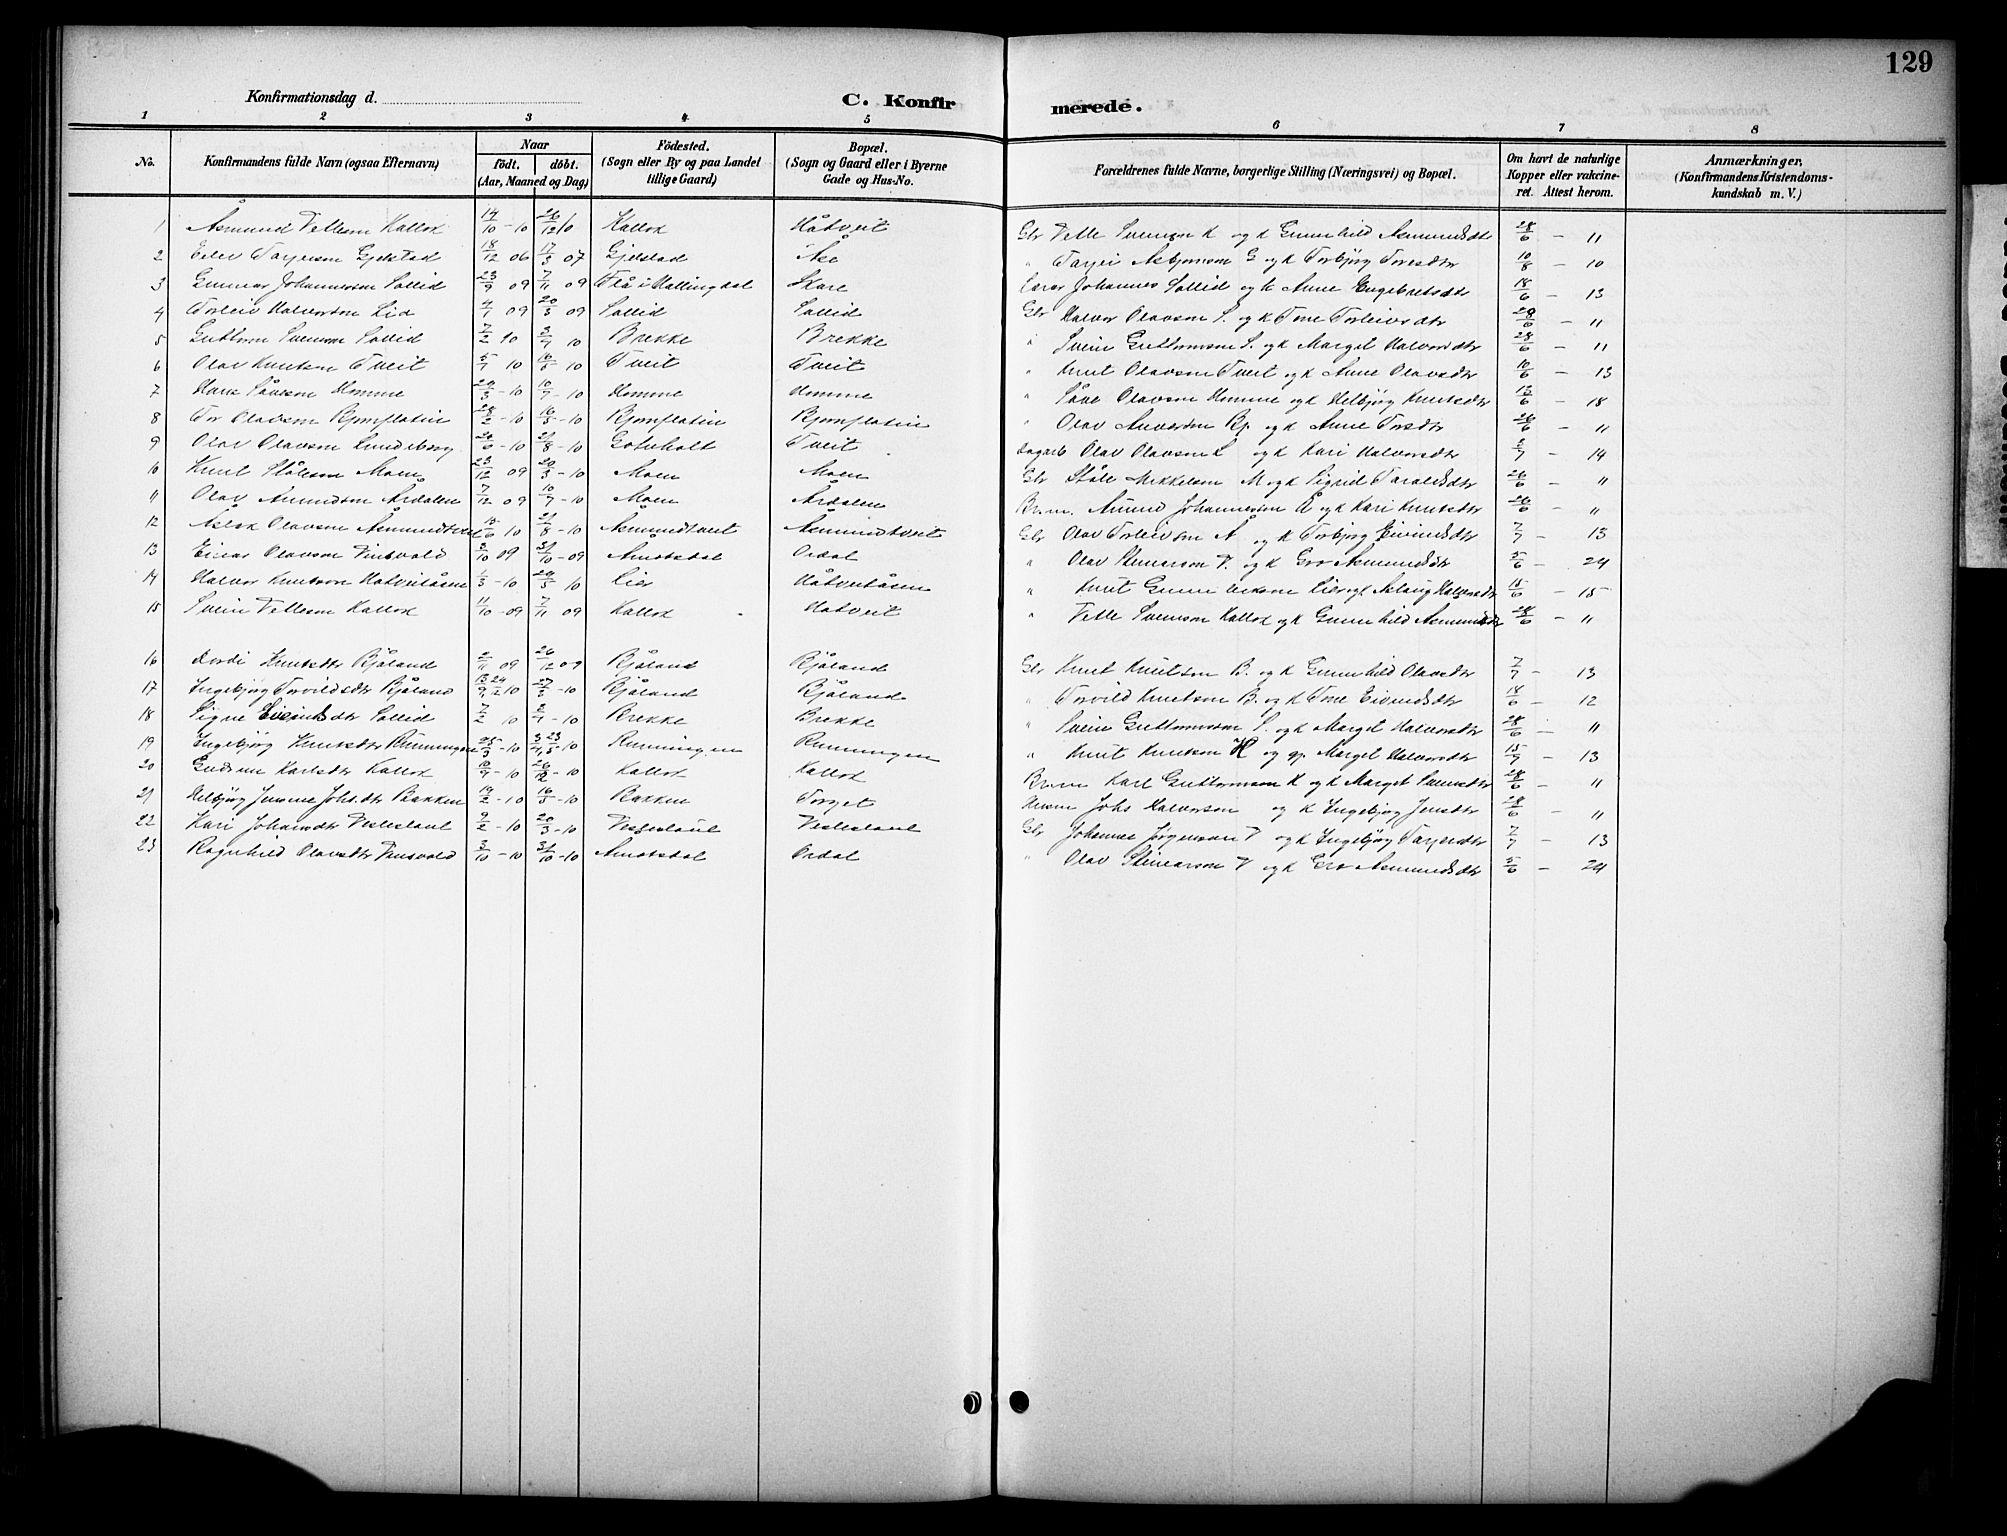 SAKO, Kviteseid kirkebøker, G/Gb/L0003: Klokkerbok nr. II 3, 1893-1933, s. 129